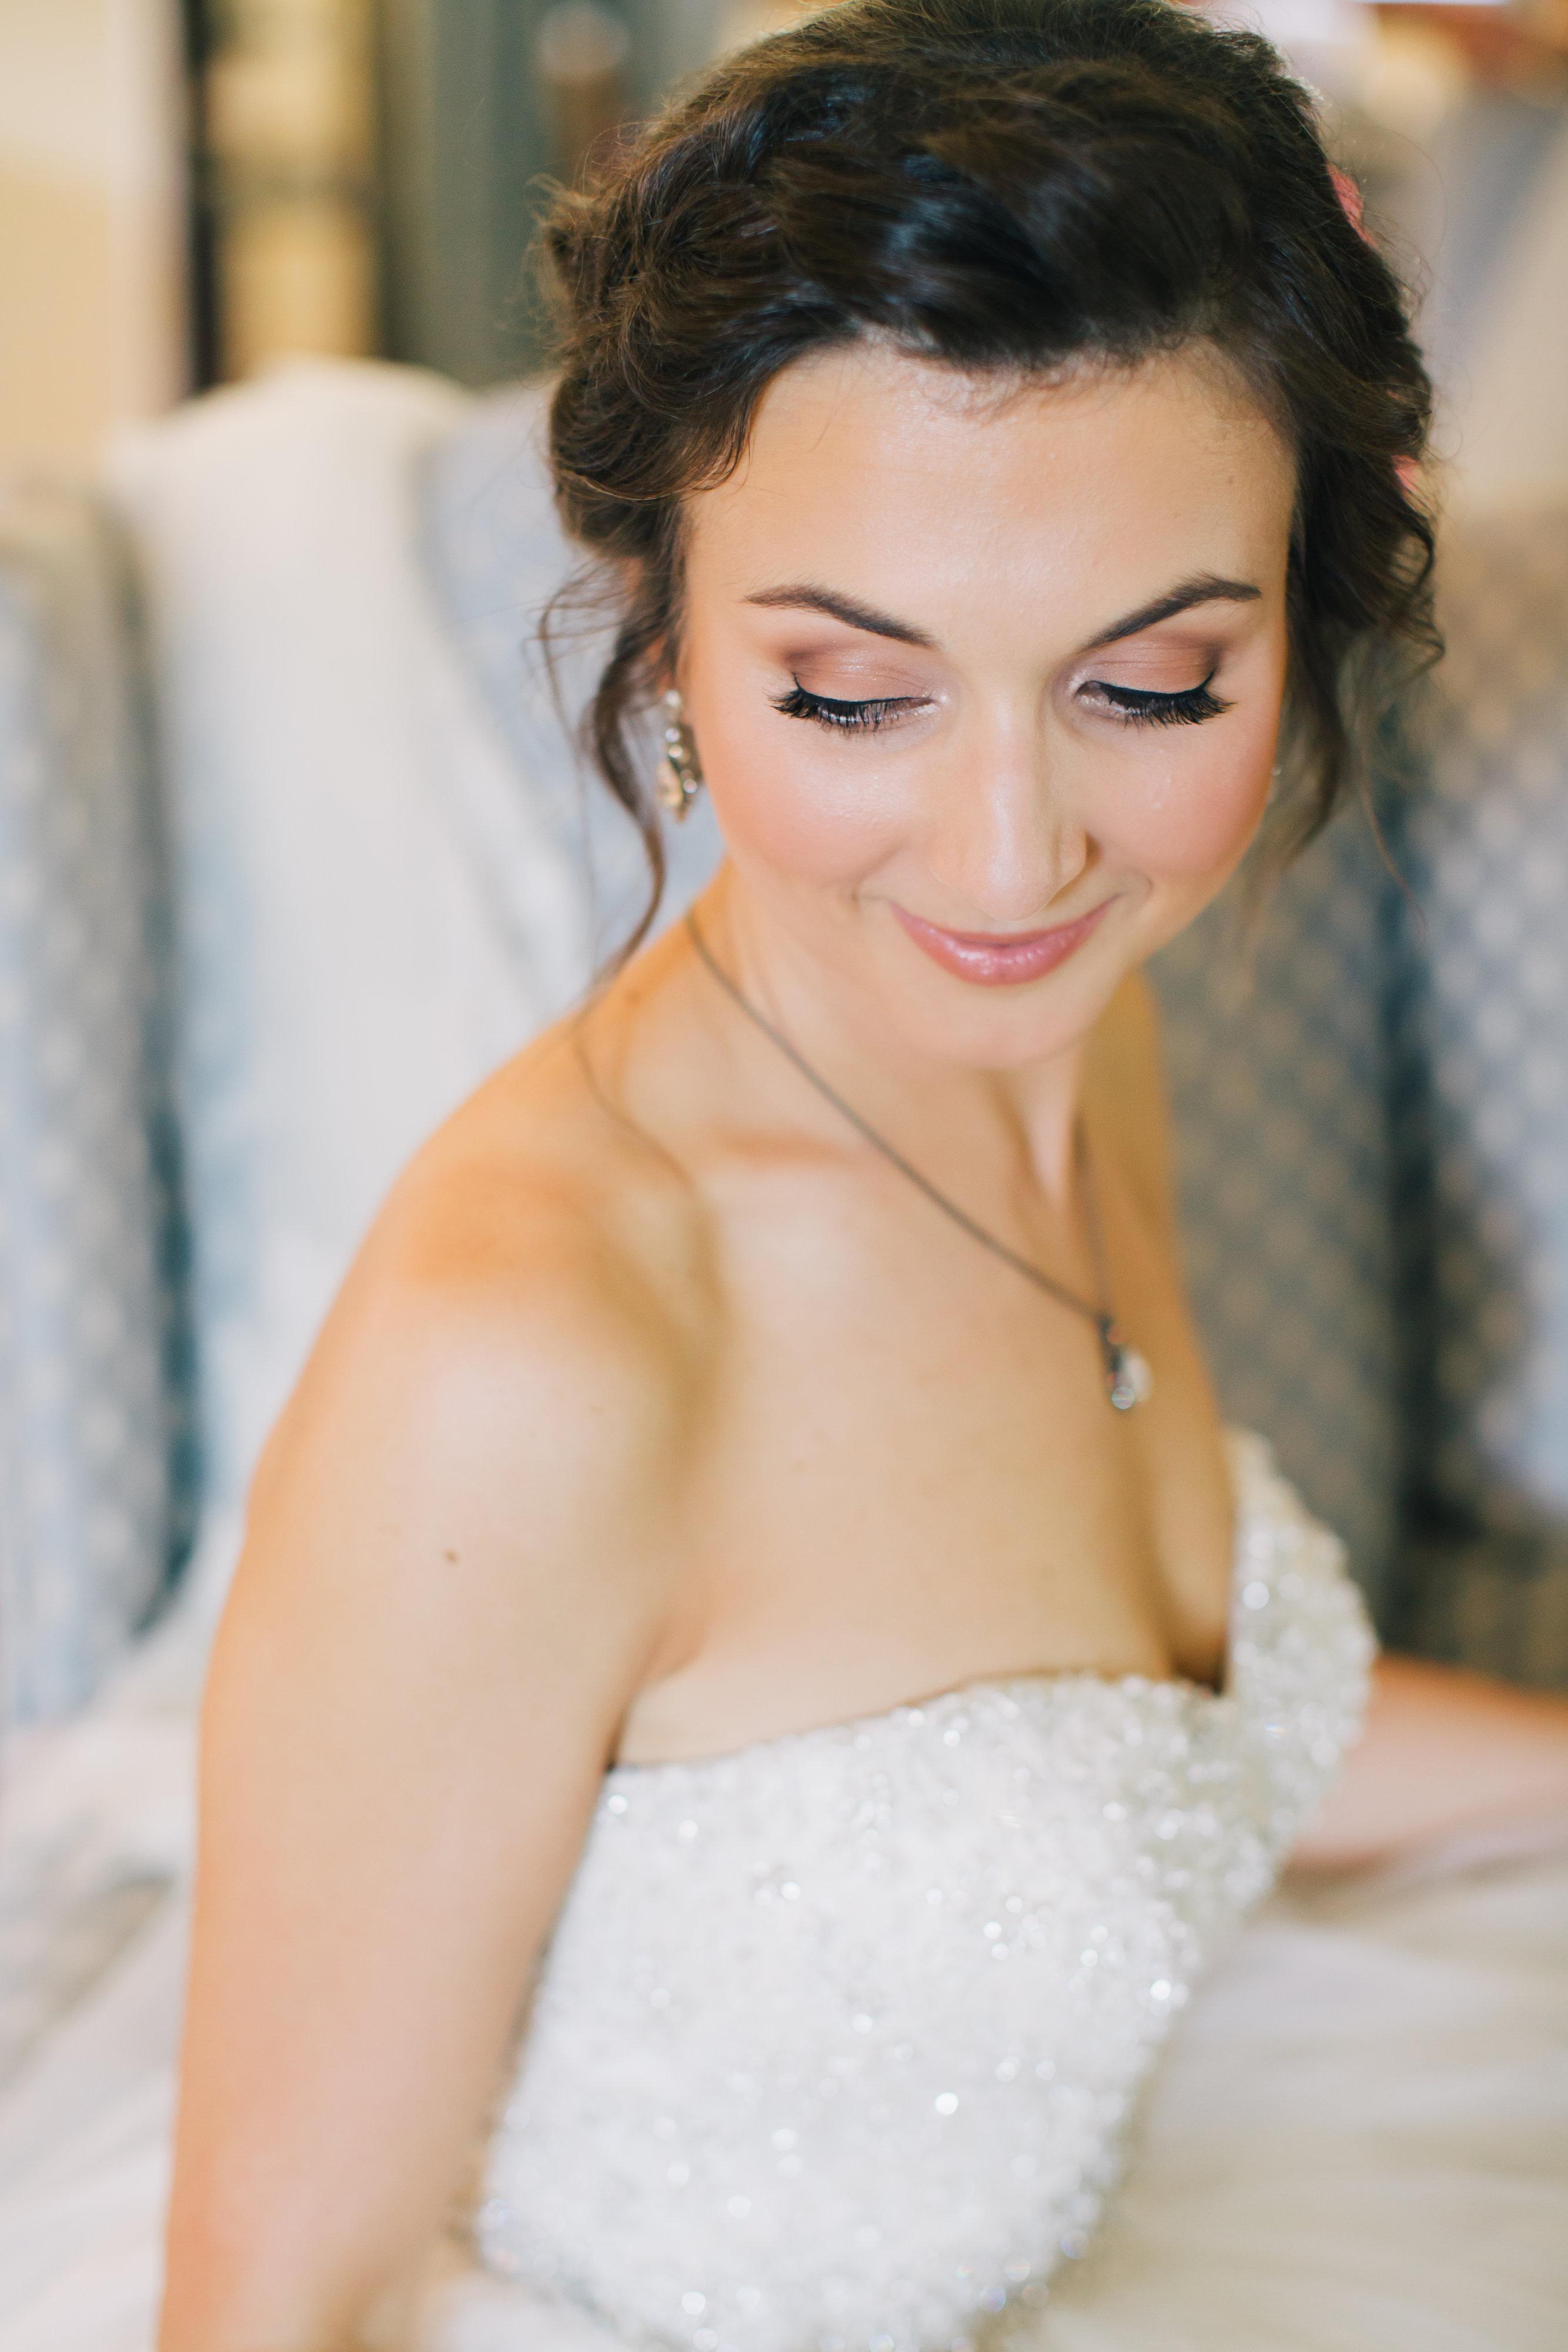 charlotte nc bridal airbrush makeup artist and bridal hair